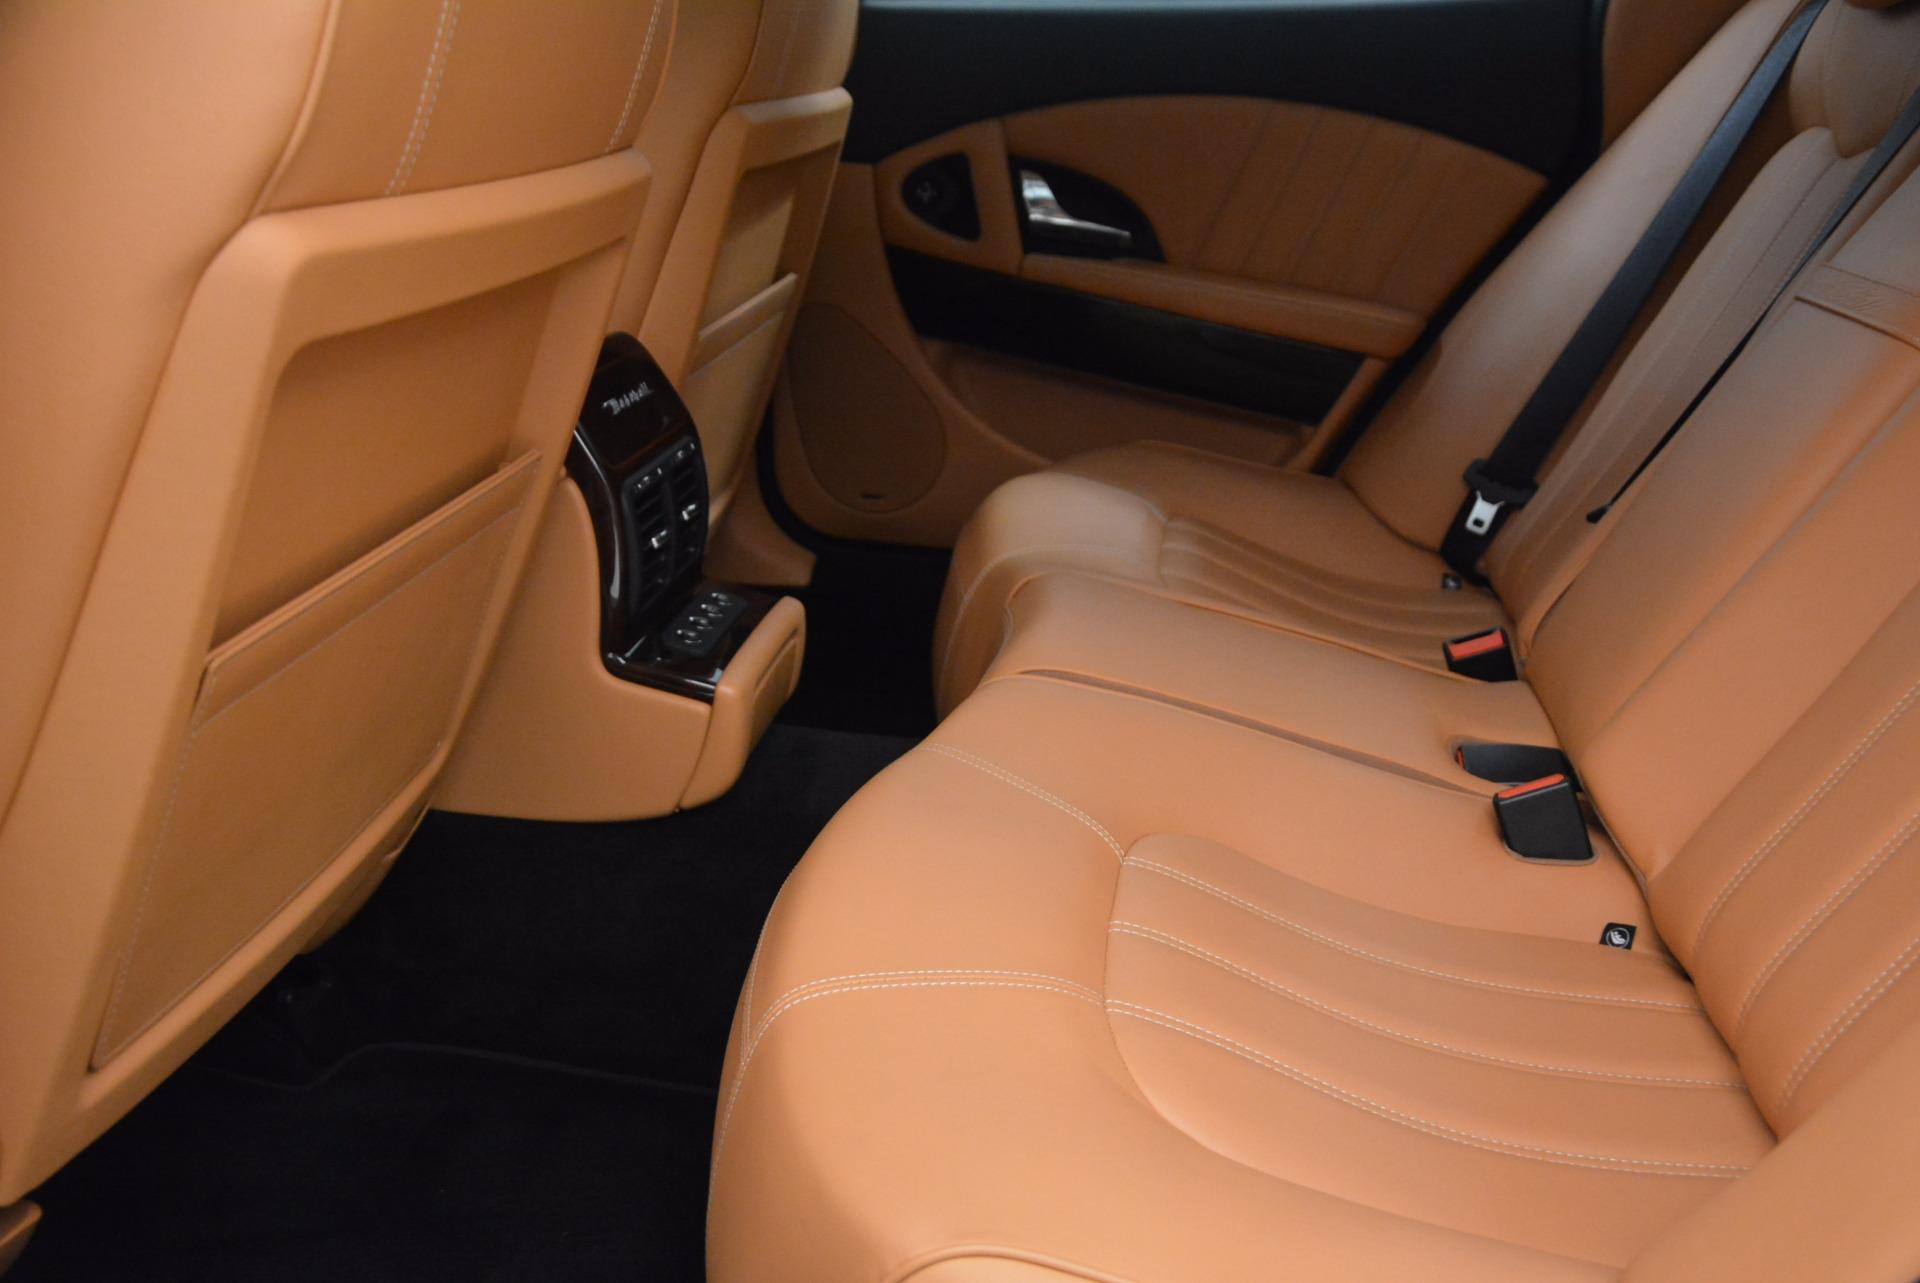 Used 2010 Maserati Quattroporte S For Sale In Greenwich, CT. Alfa Romeo of Greenwich, 7279 1551_p30